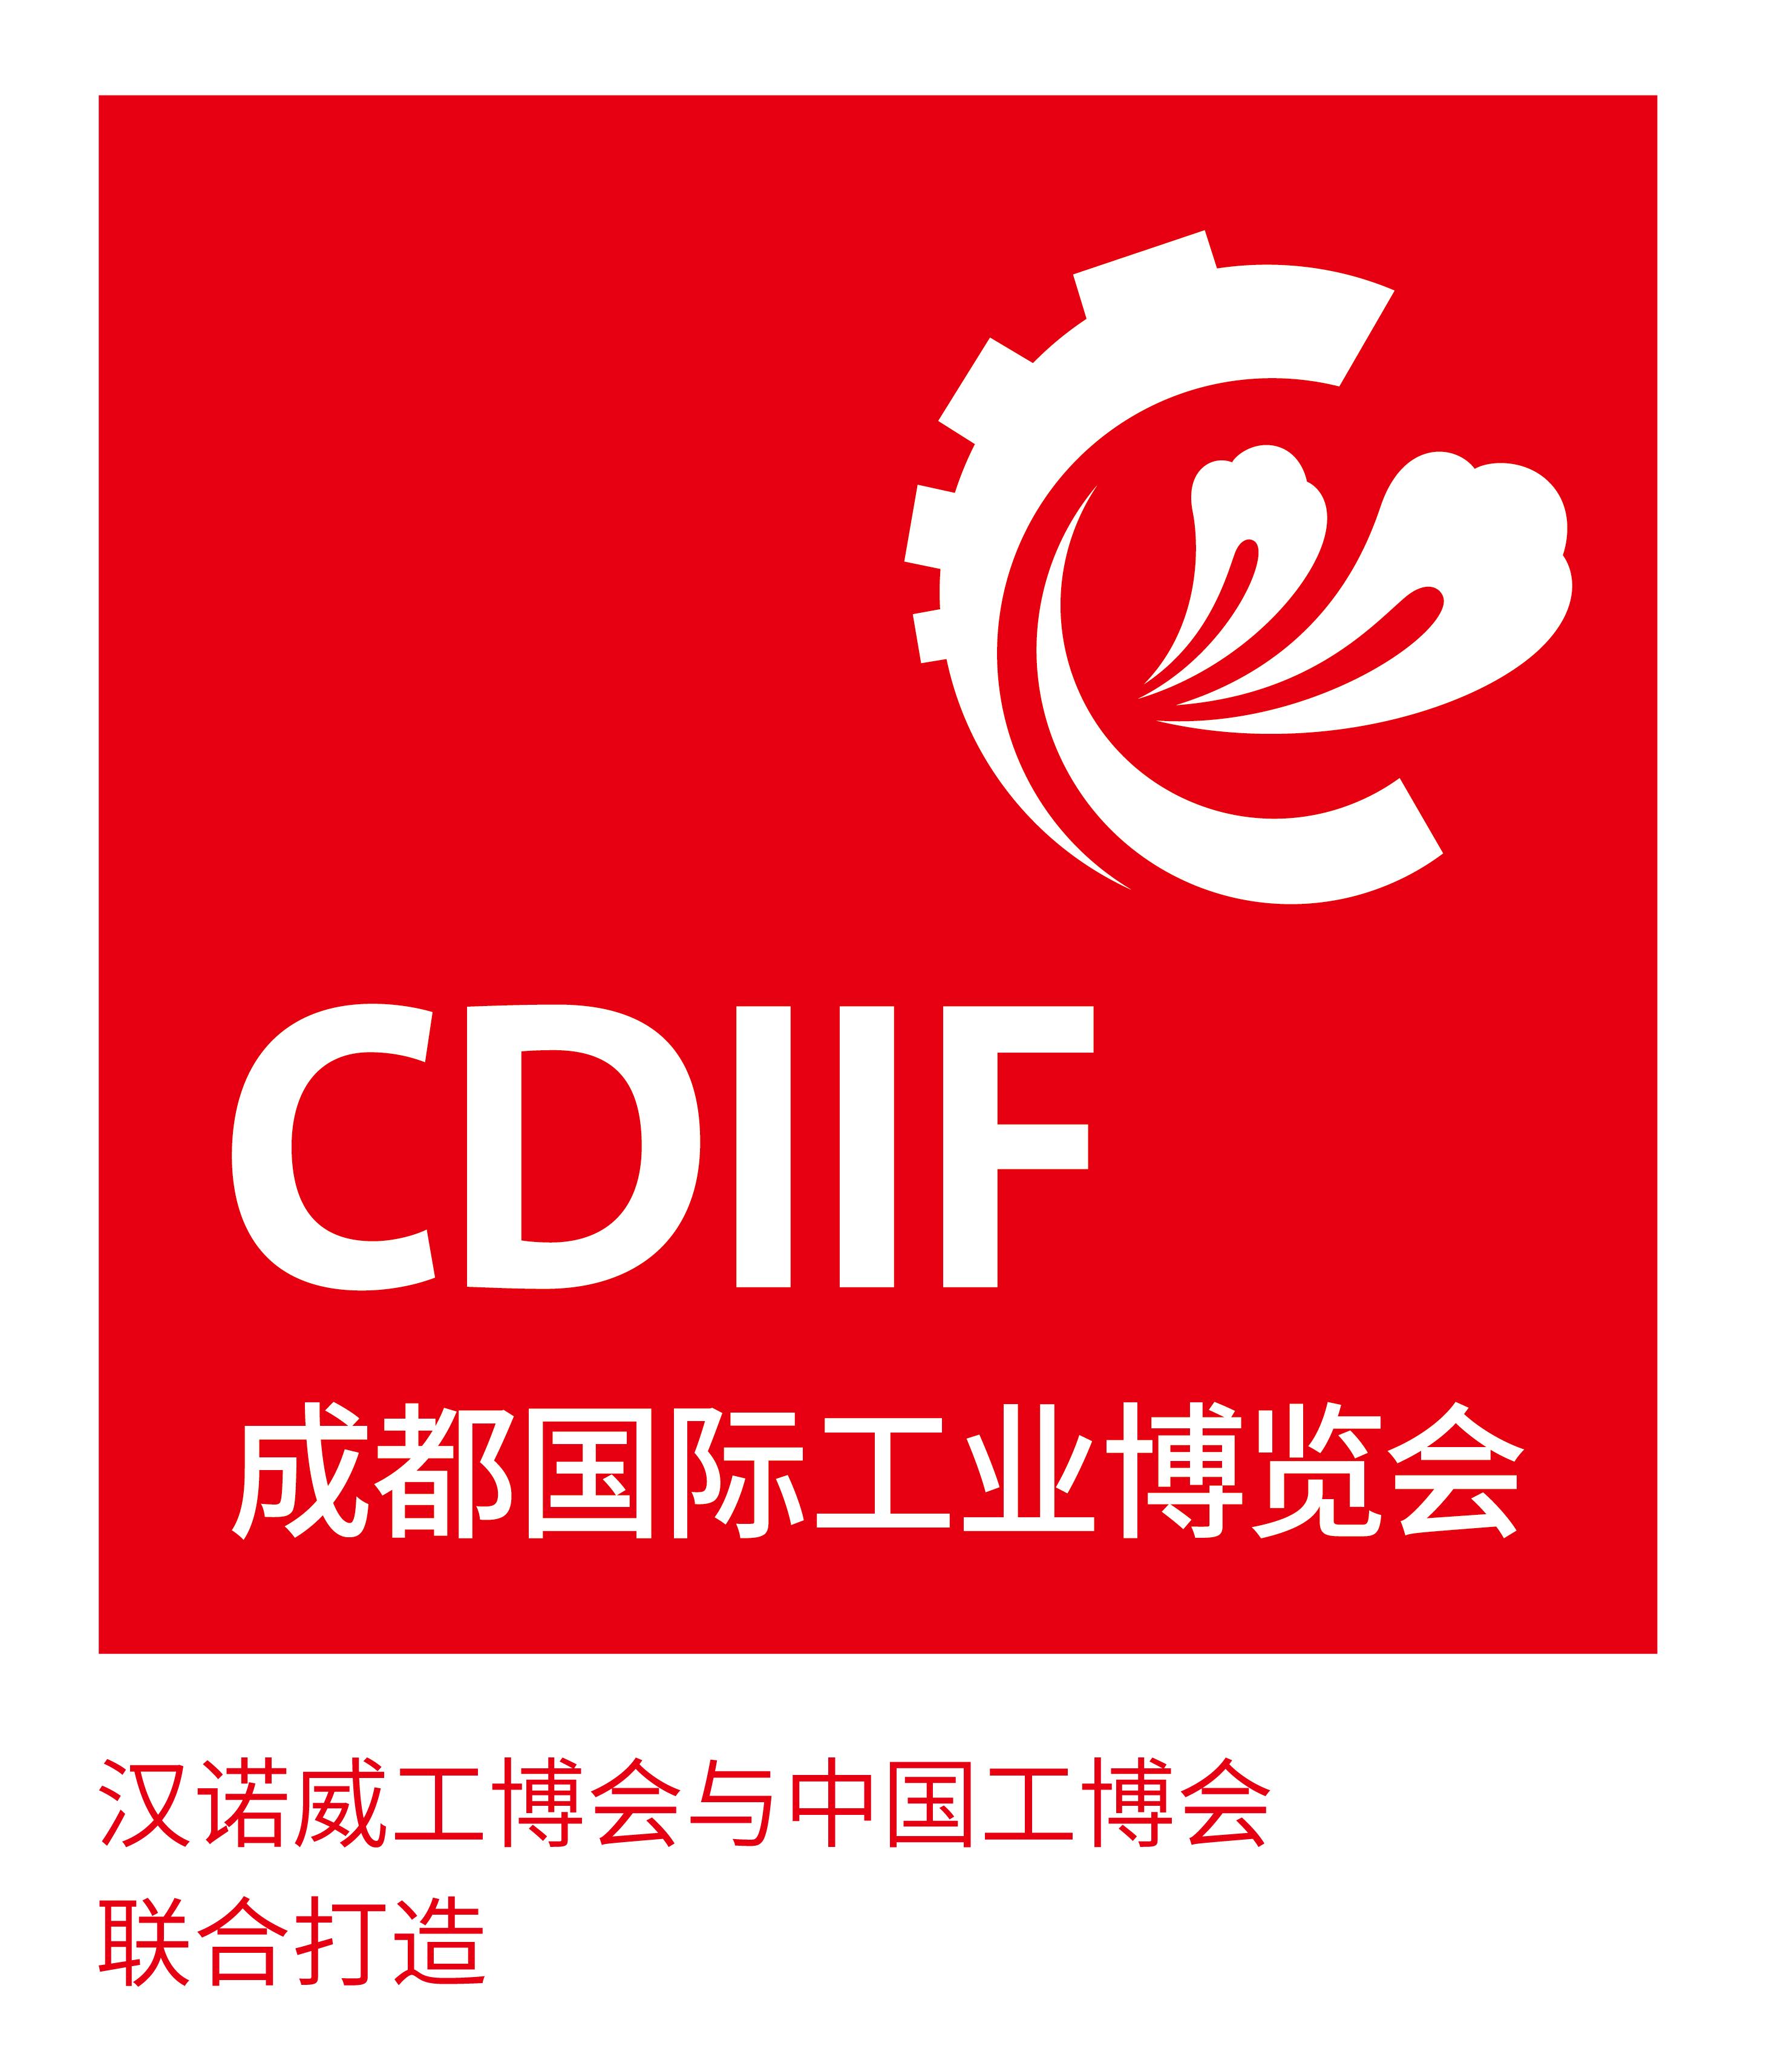 2020成都国际工业博览会延期至11月18-20日举办